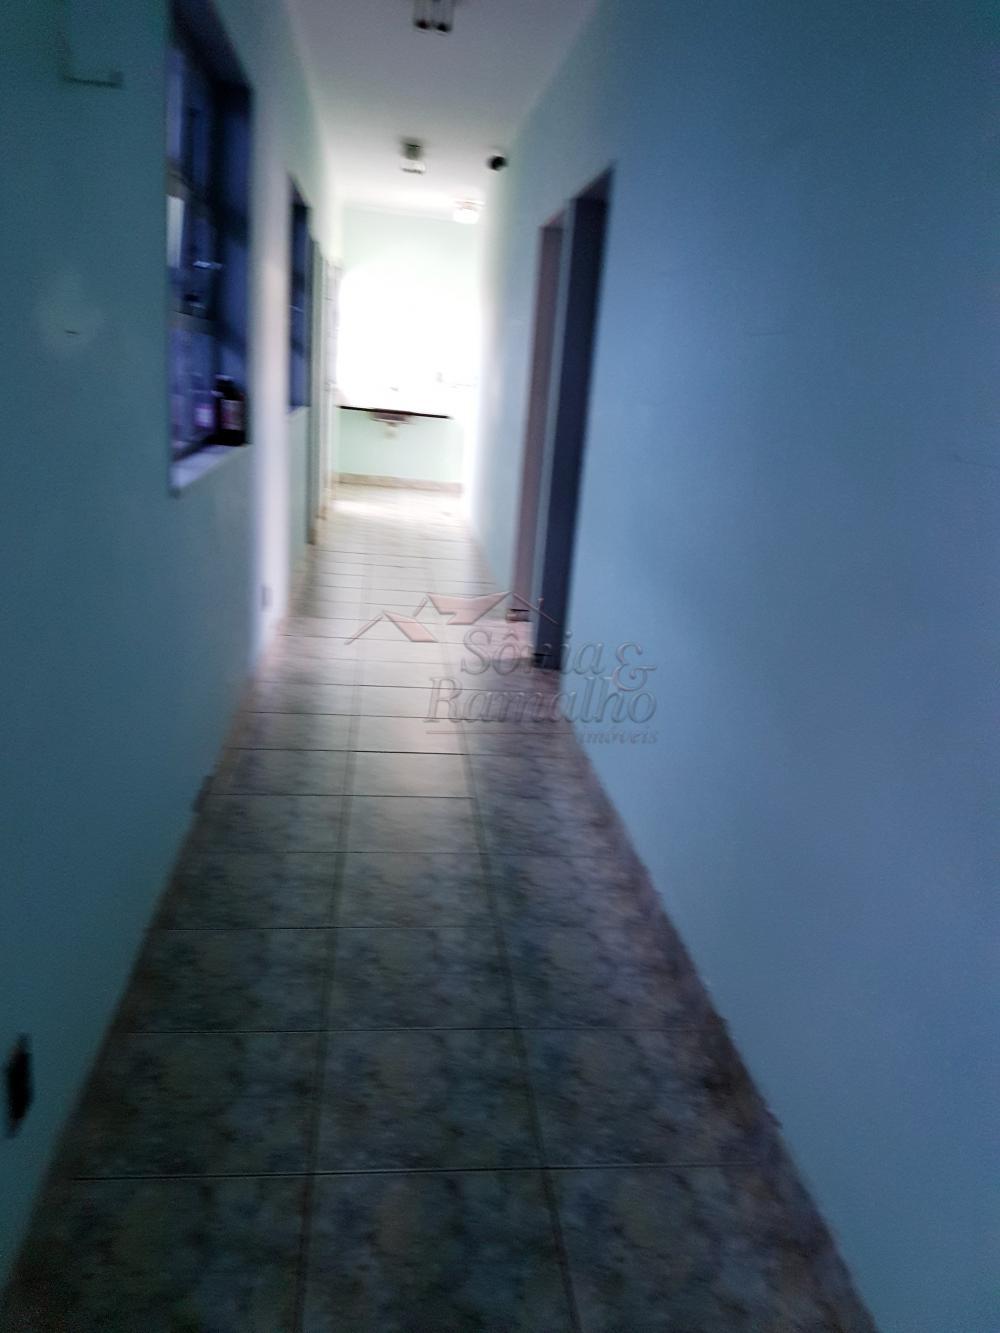 Alugar Comercial / Salão comercial em Ribeirão Preto apenas R$ 6.000,00 - Foto 11